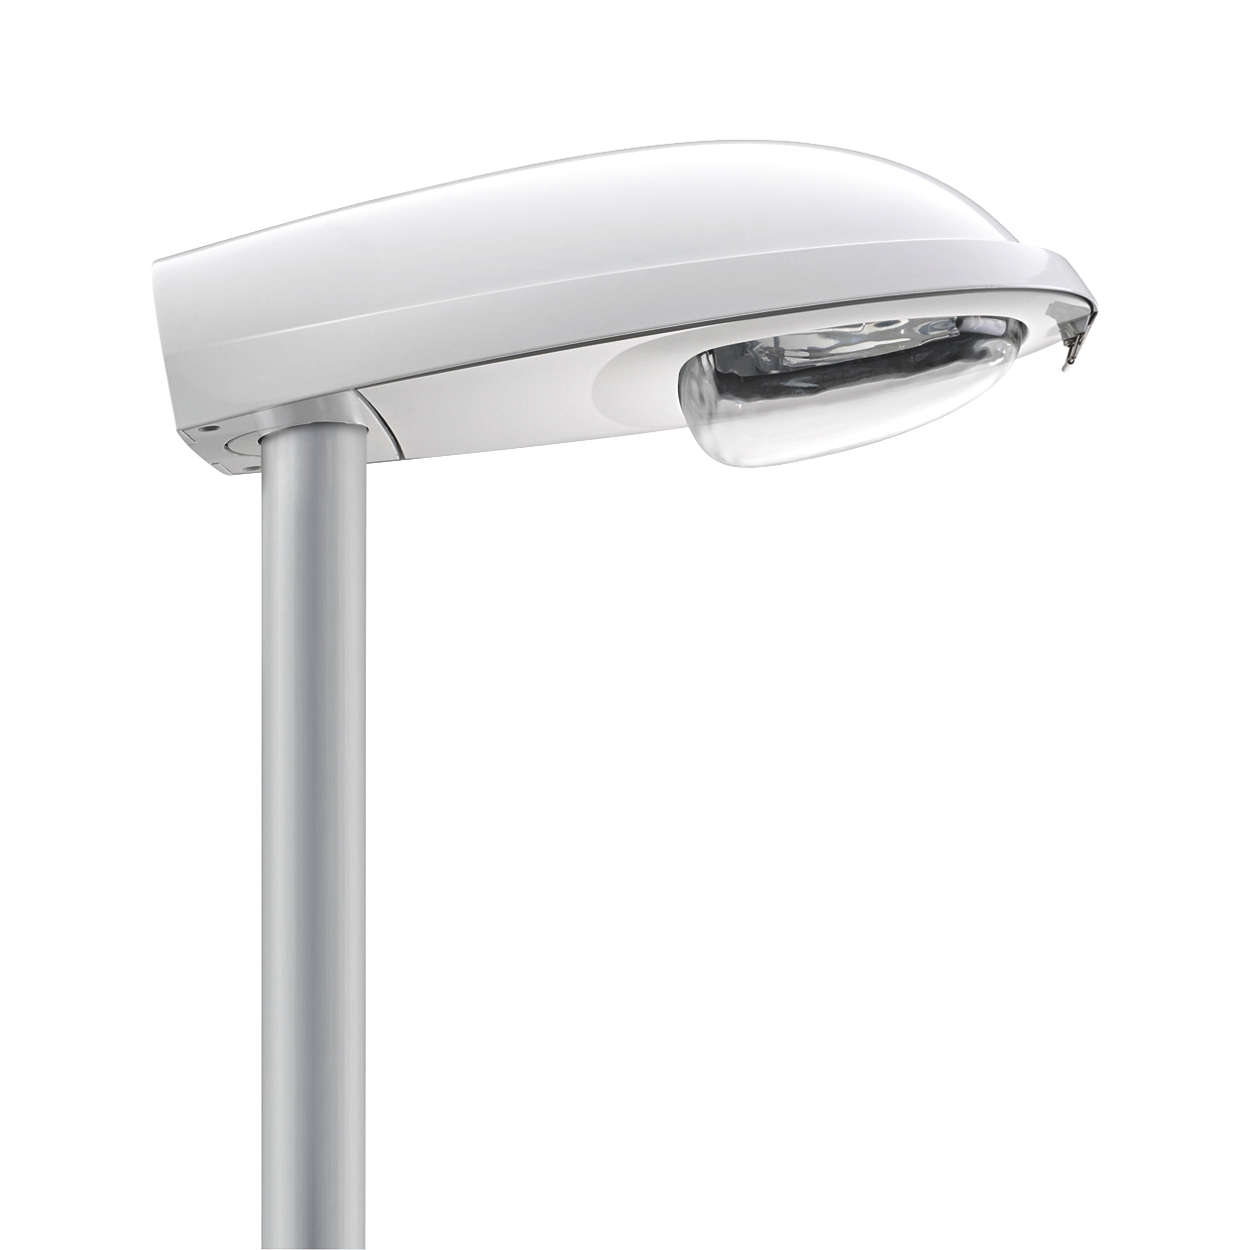 Mini Iridium – lighting the road ahead